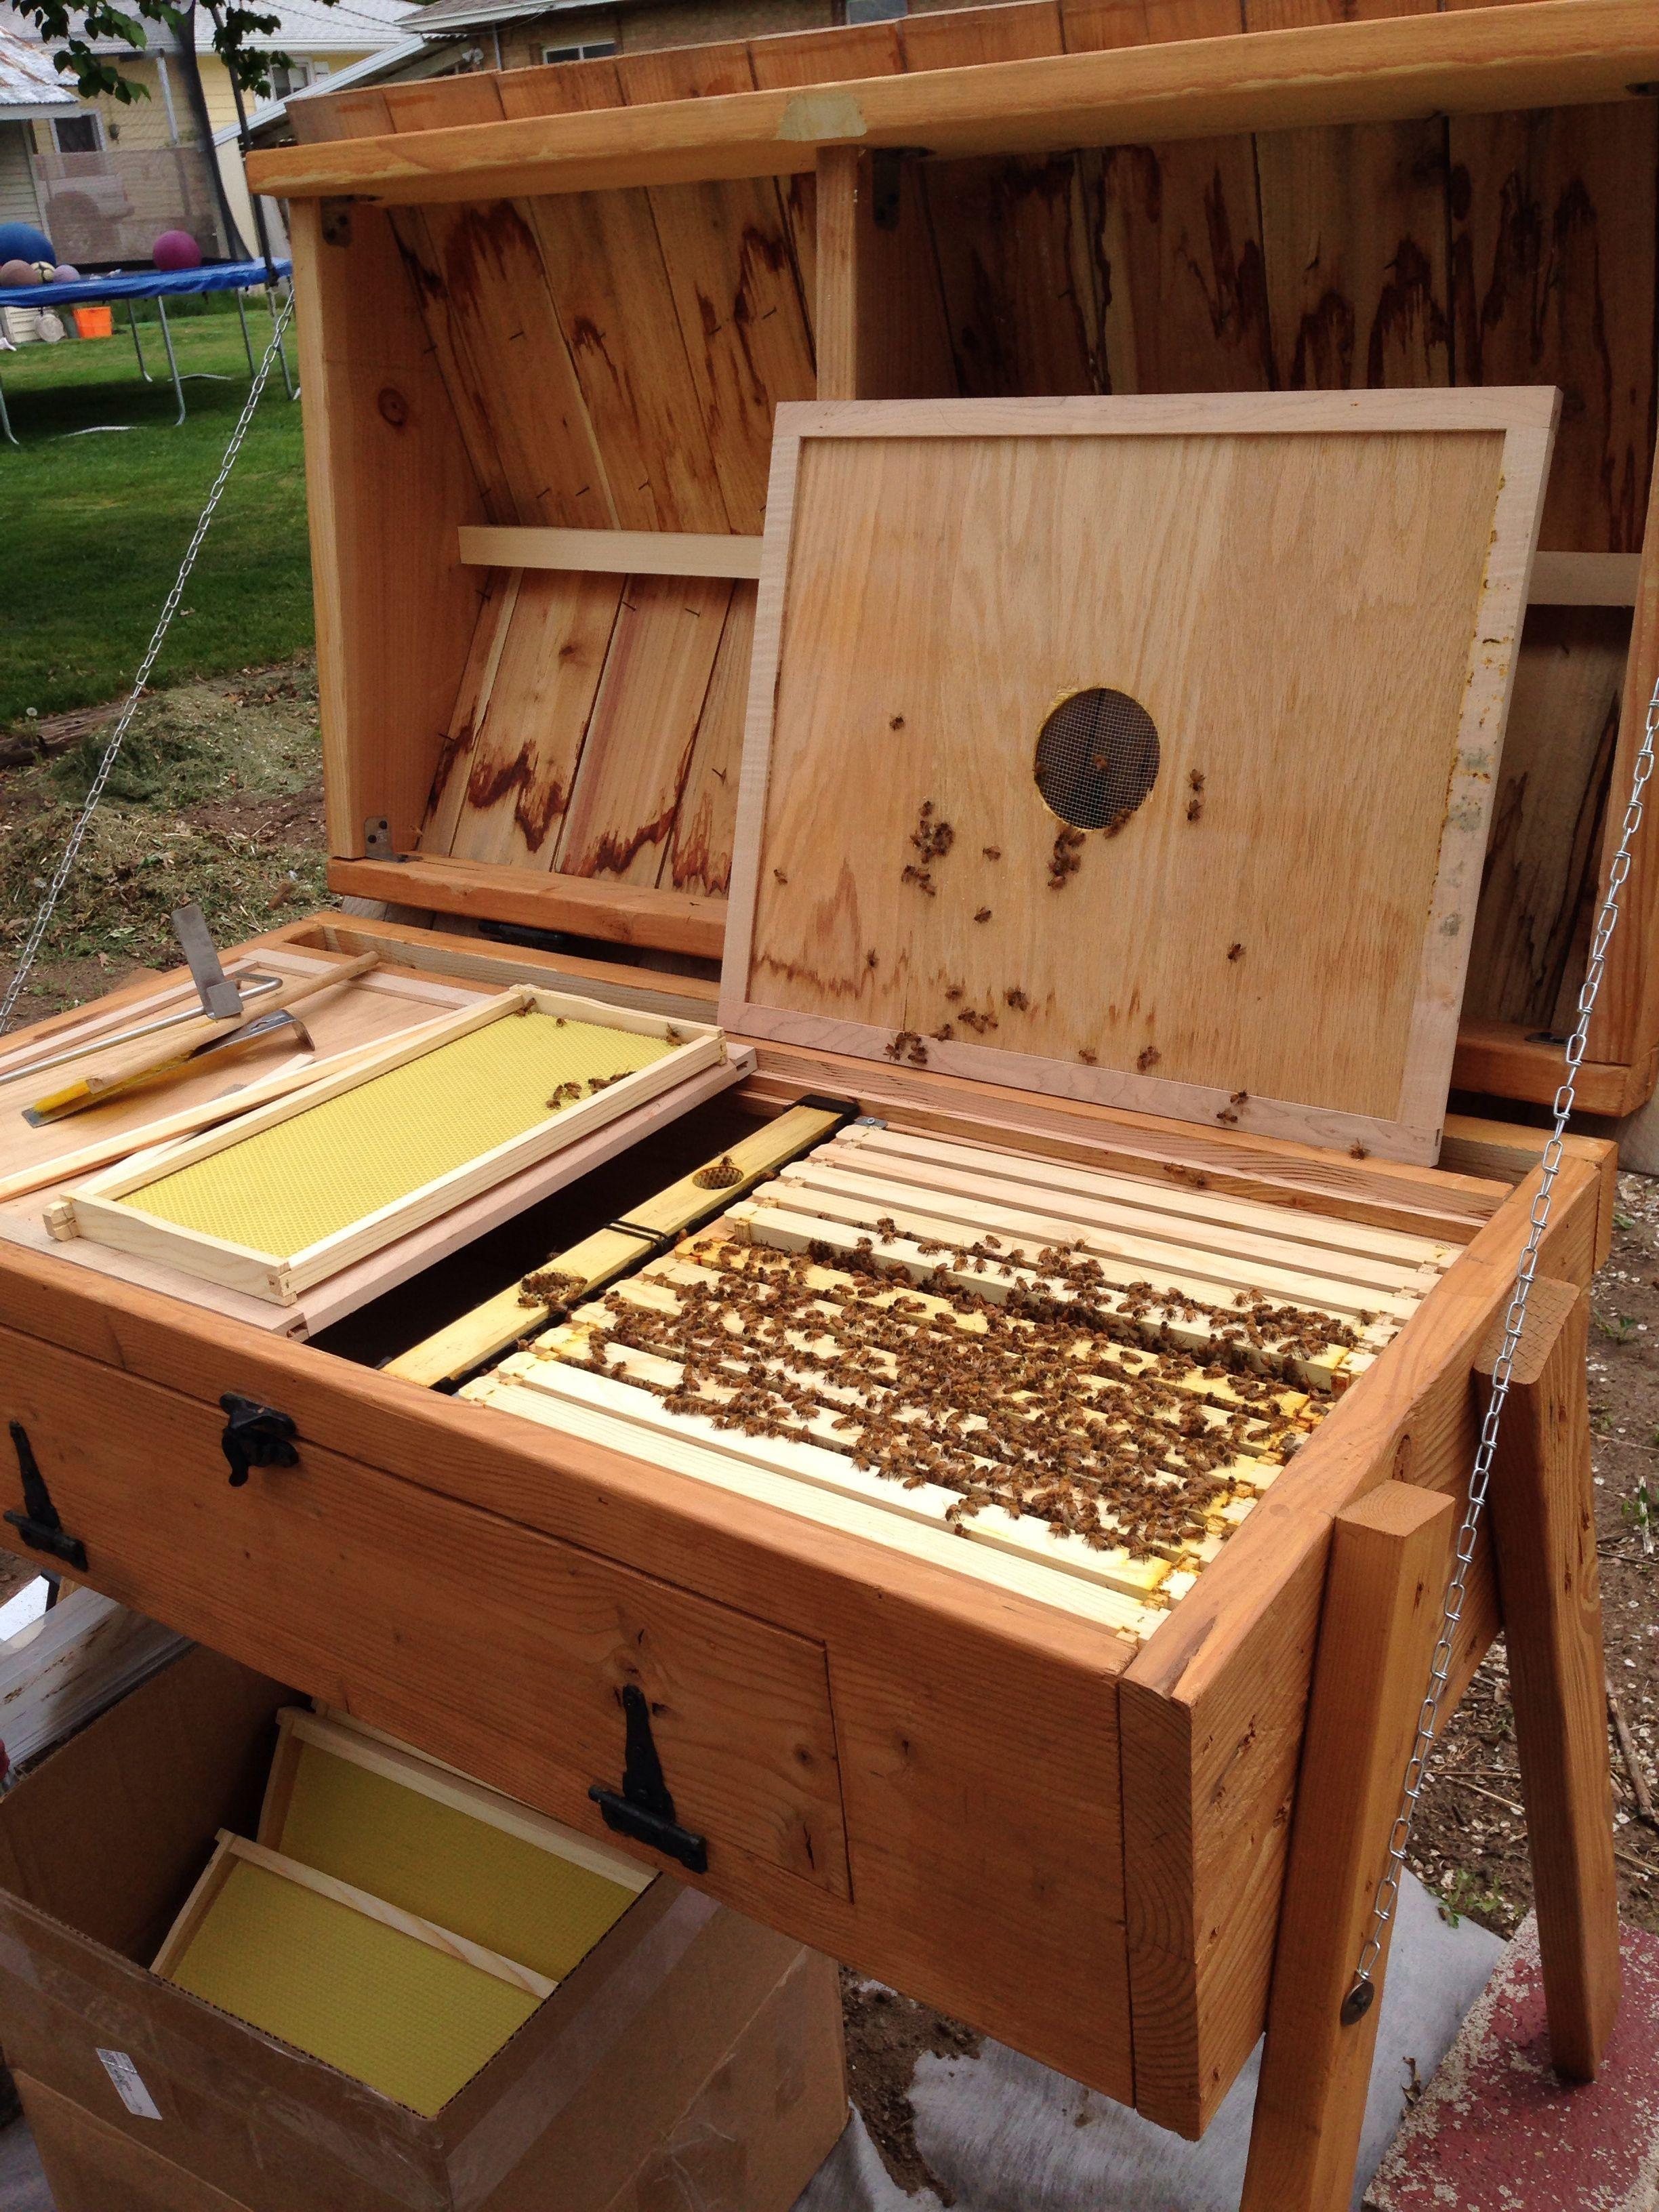 Honeybee hive | Bee boxes, Backyard bee, Bee hive plans